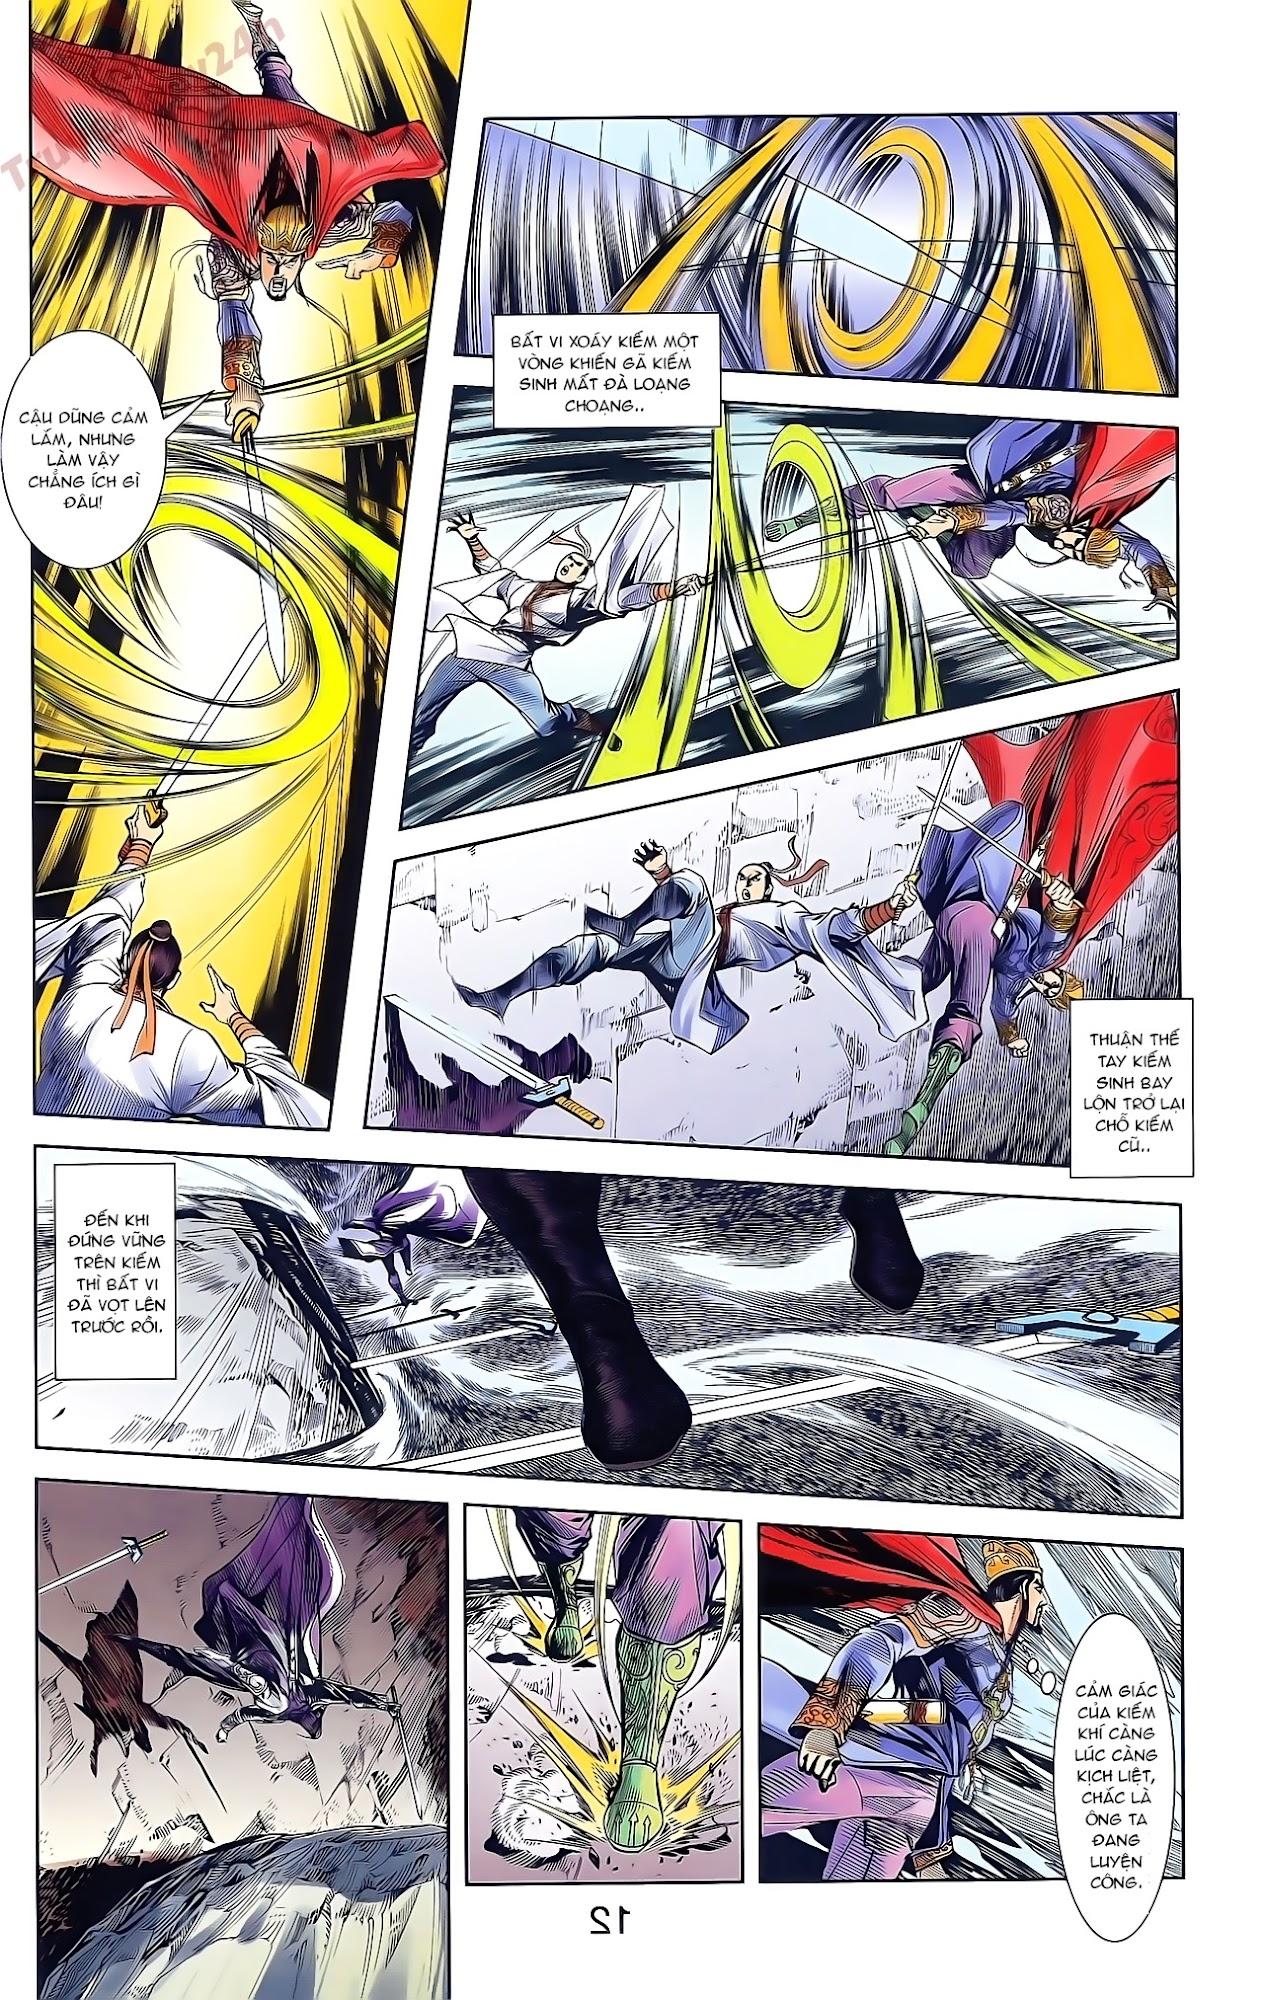 Tần Vương Doanh Chính chapter 47 trang 25